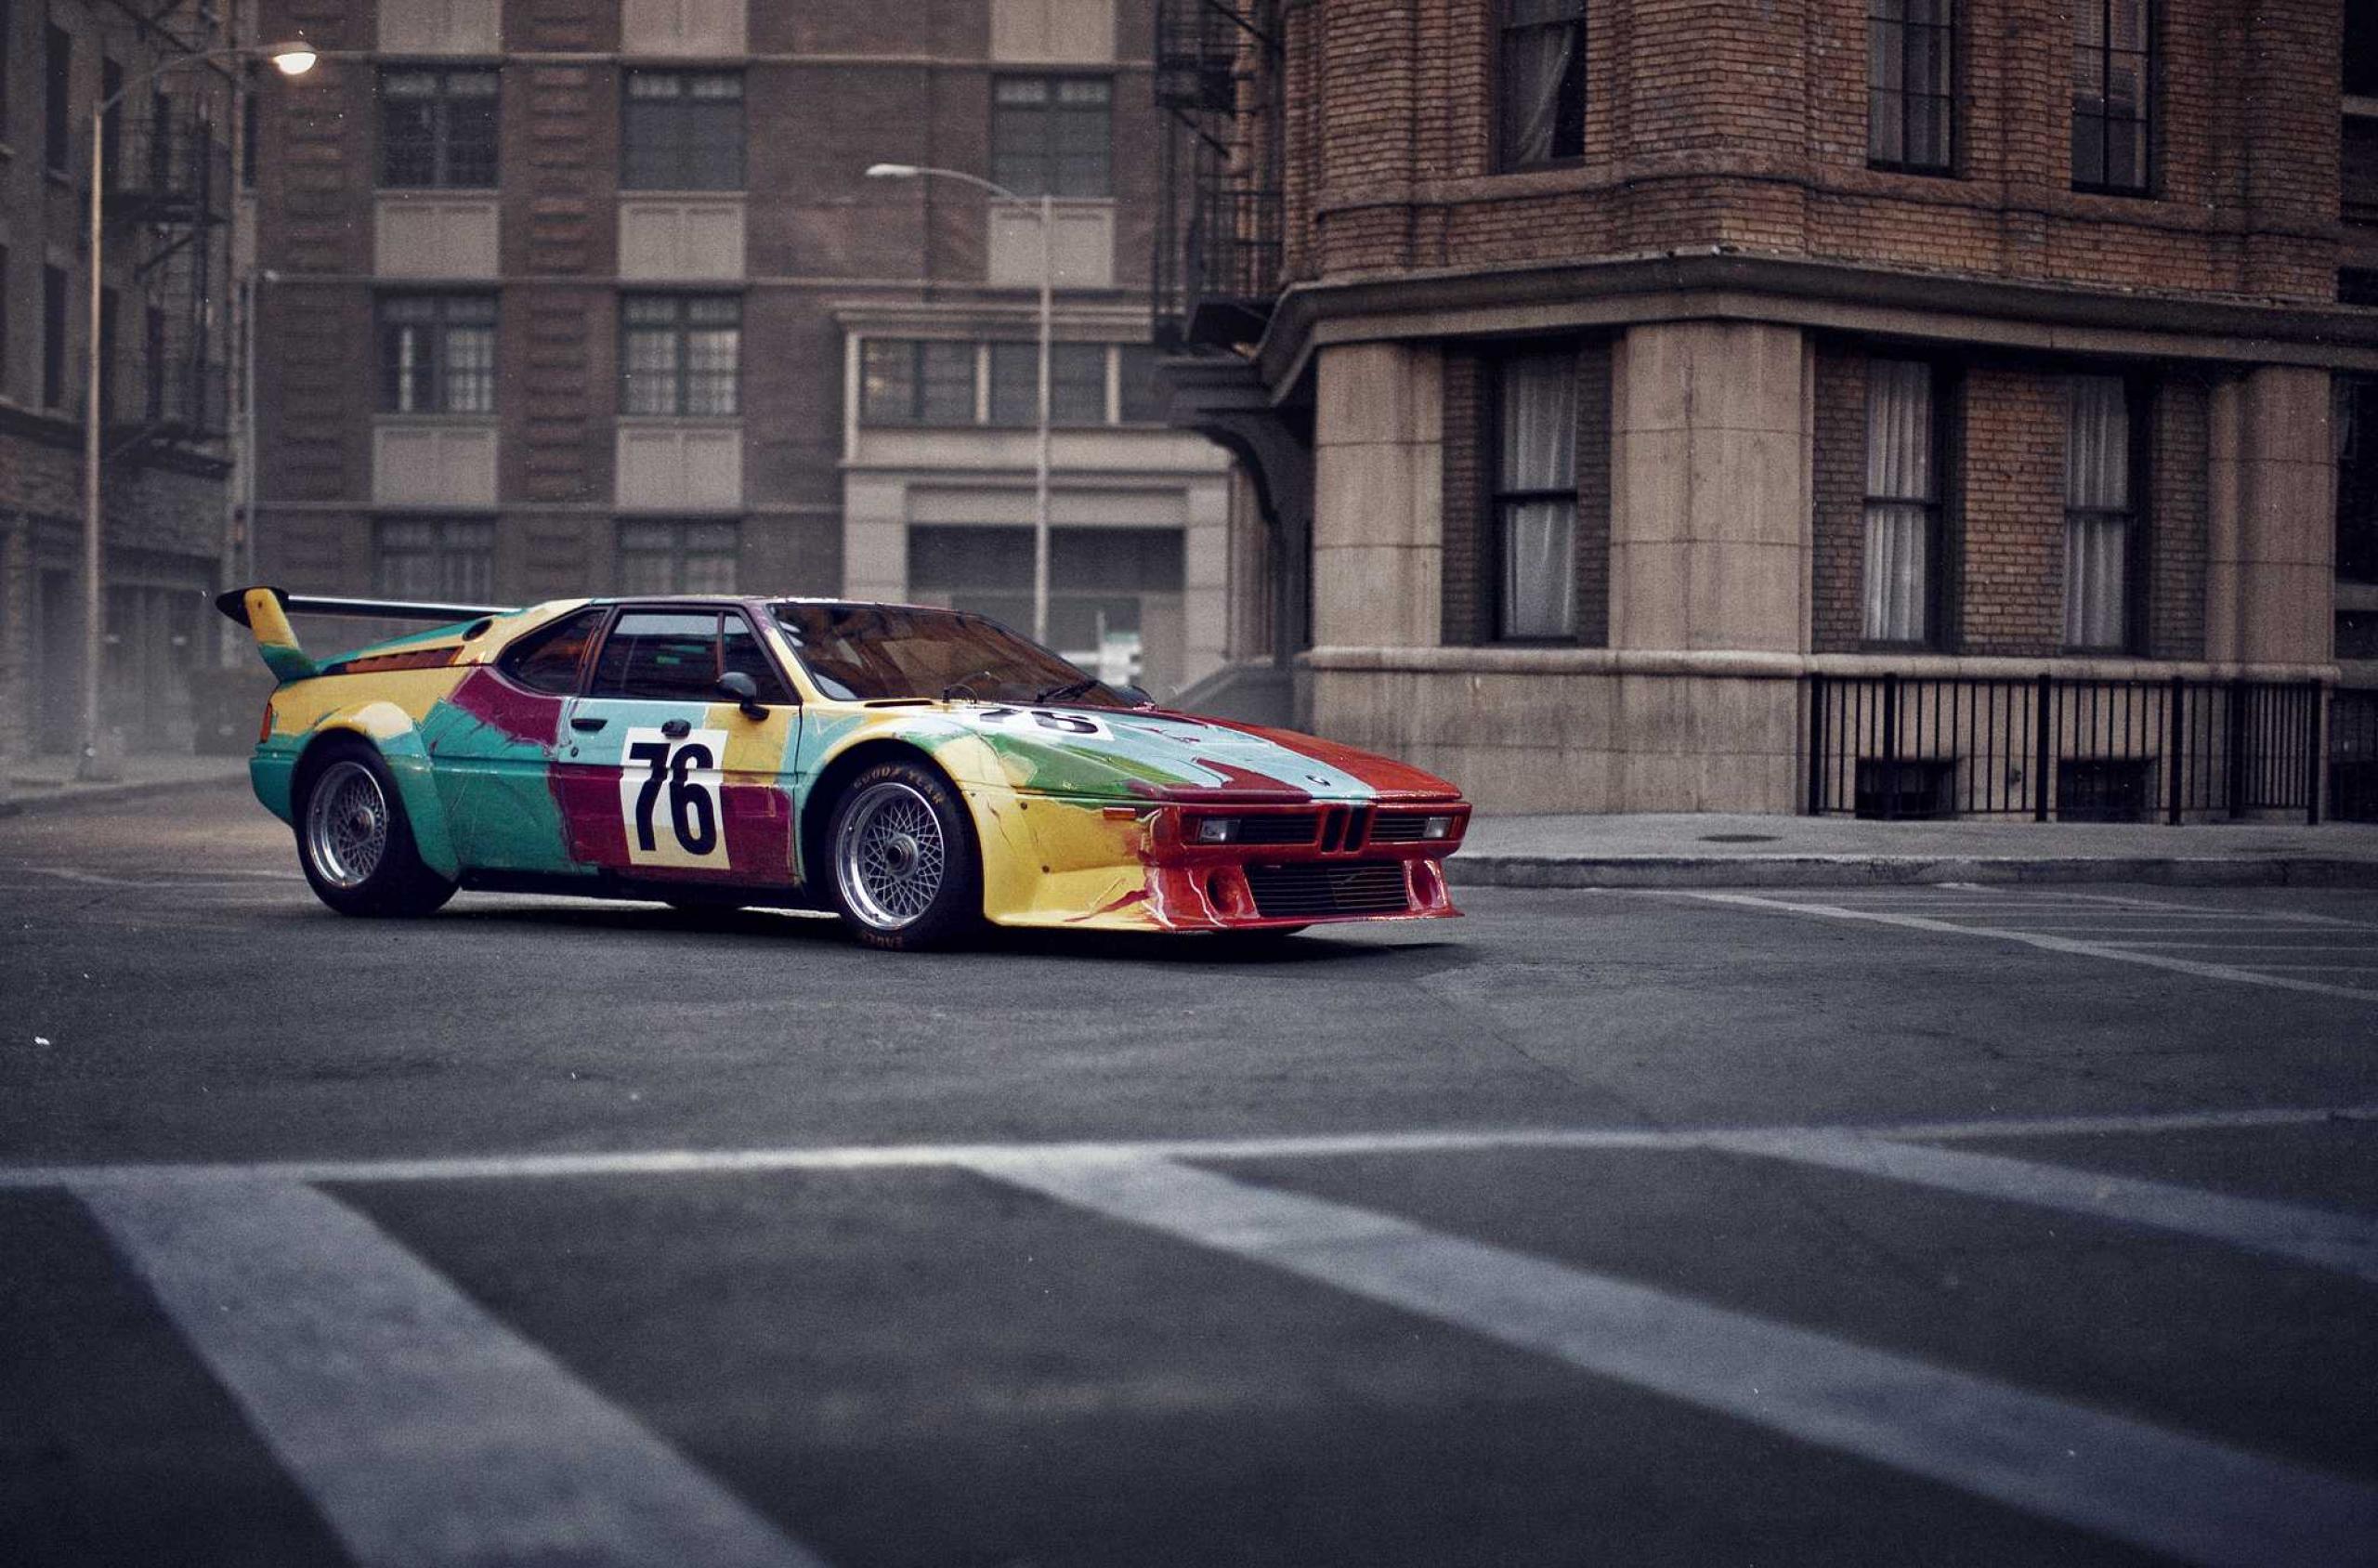 BMW Art Car by Andy Warhol in Paris © BMW AG